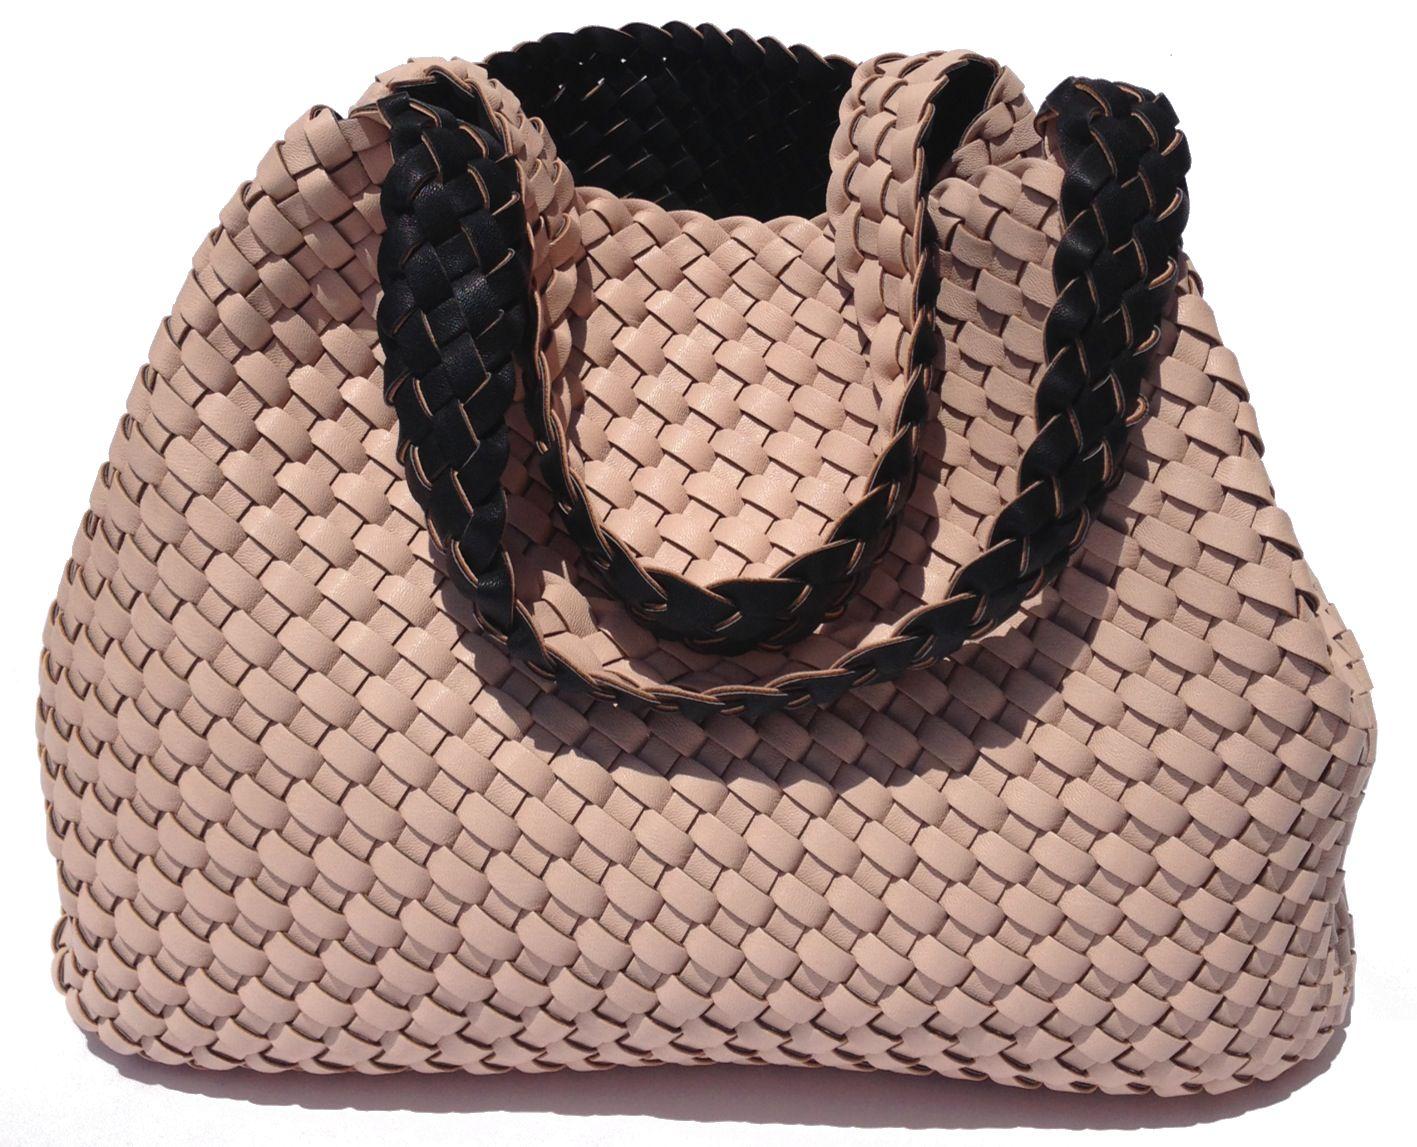 Venice Bag jetzt in zwei neuen Farben!  http://bit.ly/1Hqp49Y